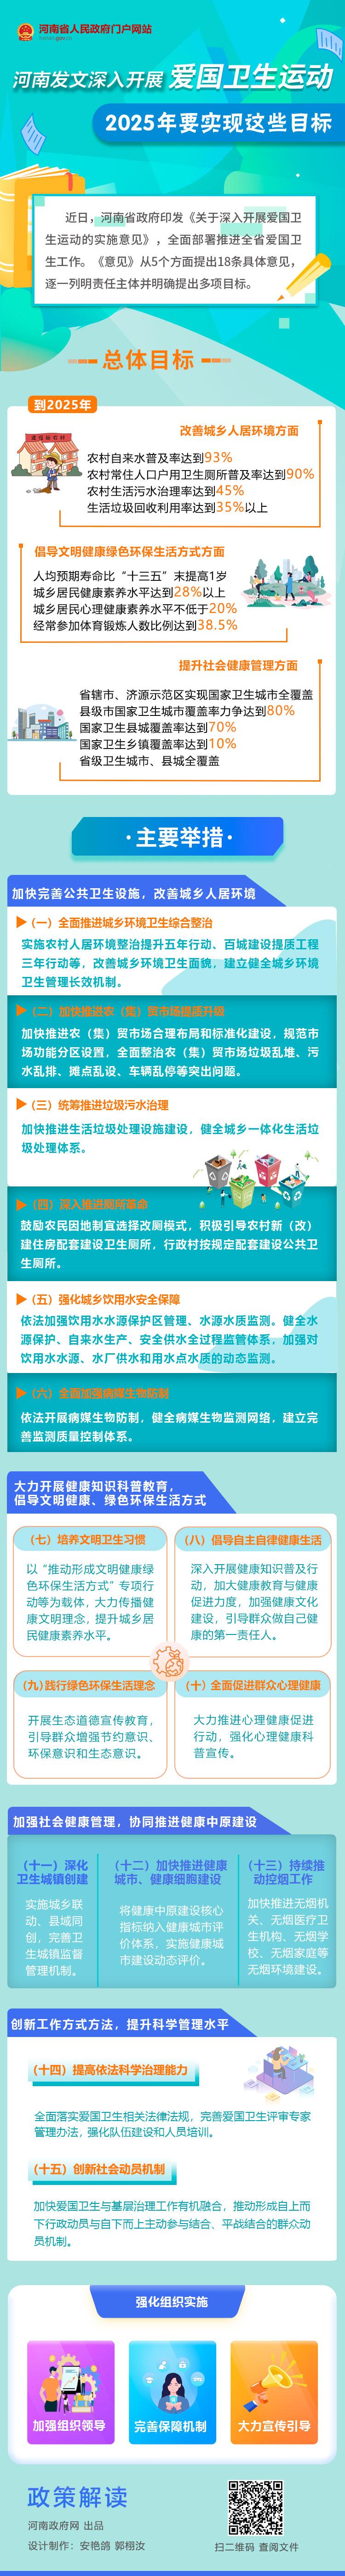 图解:河南发文深入开展爱国卫生运动 2025年要实现这些目标